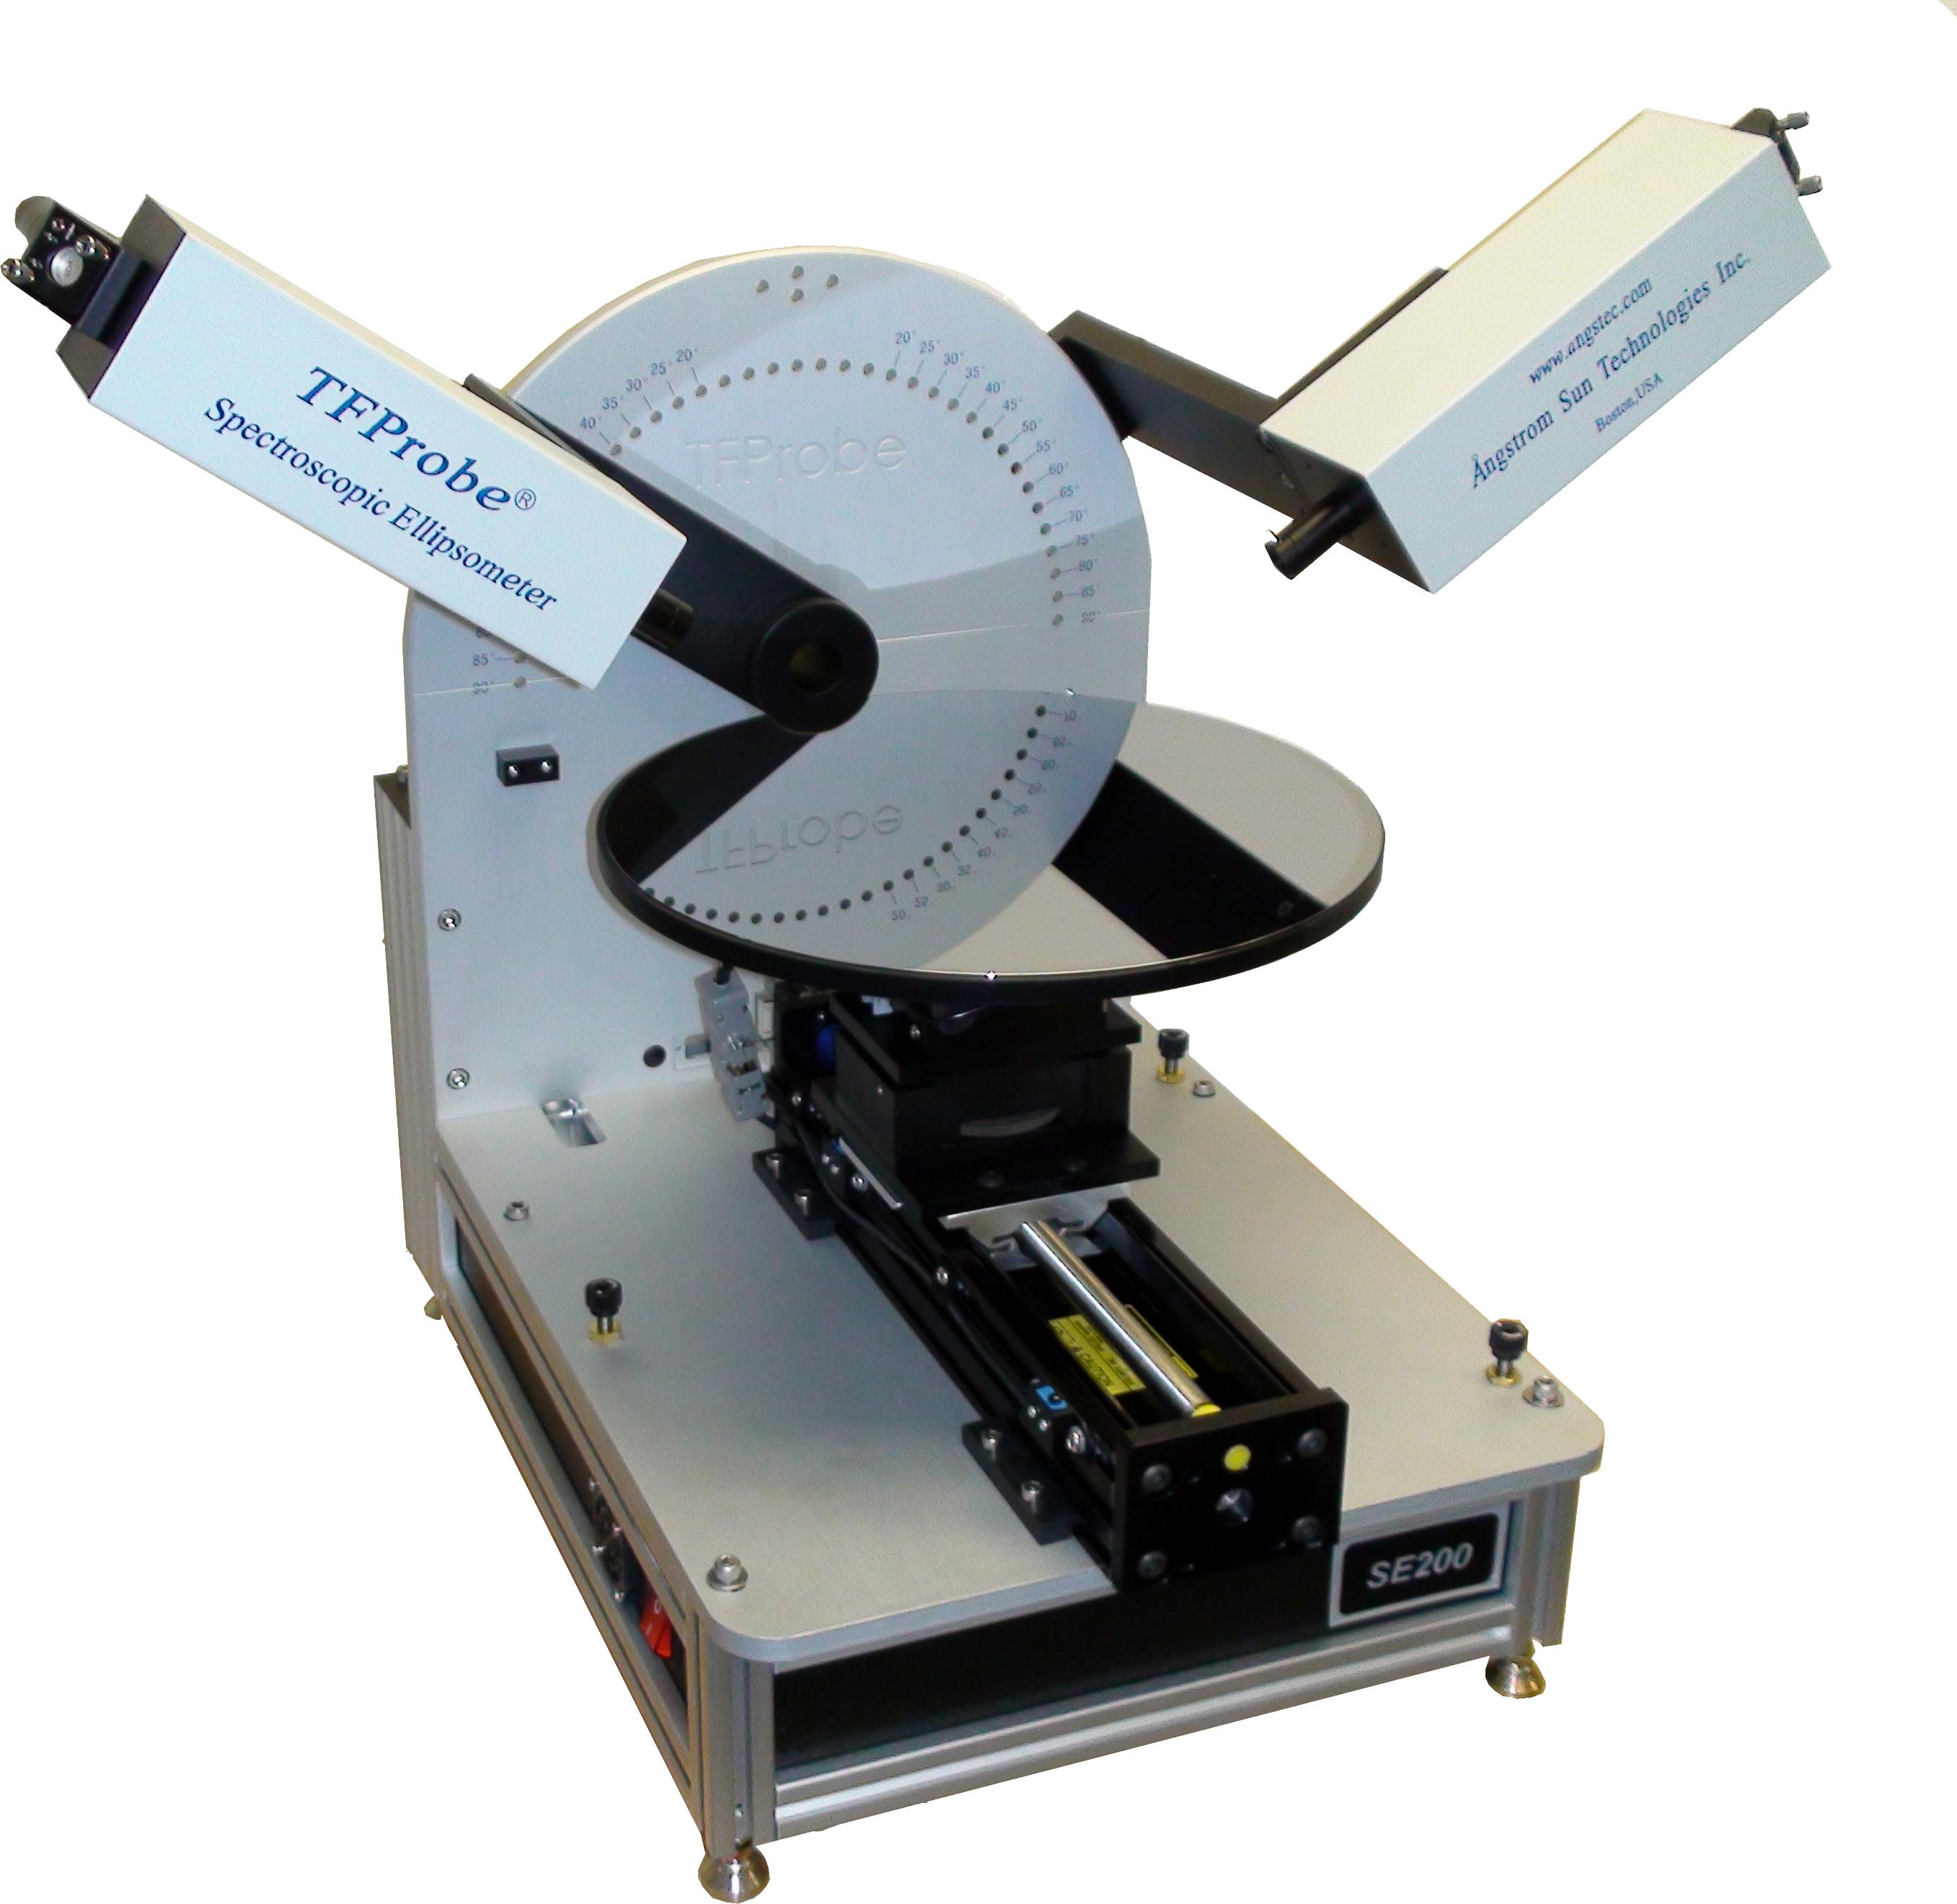 Spectroscopic Ellipsometer Model SE200BM-M300